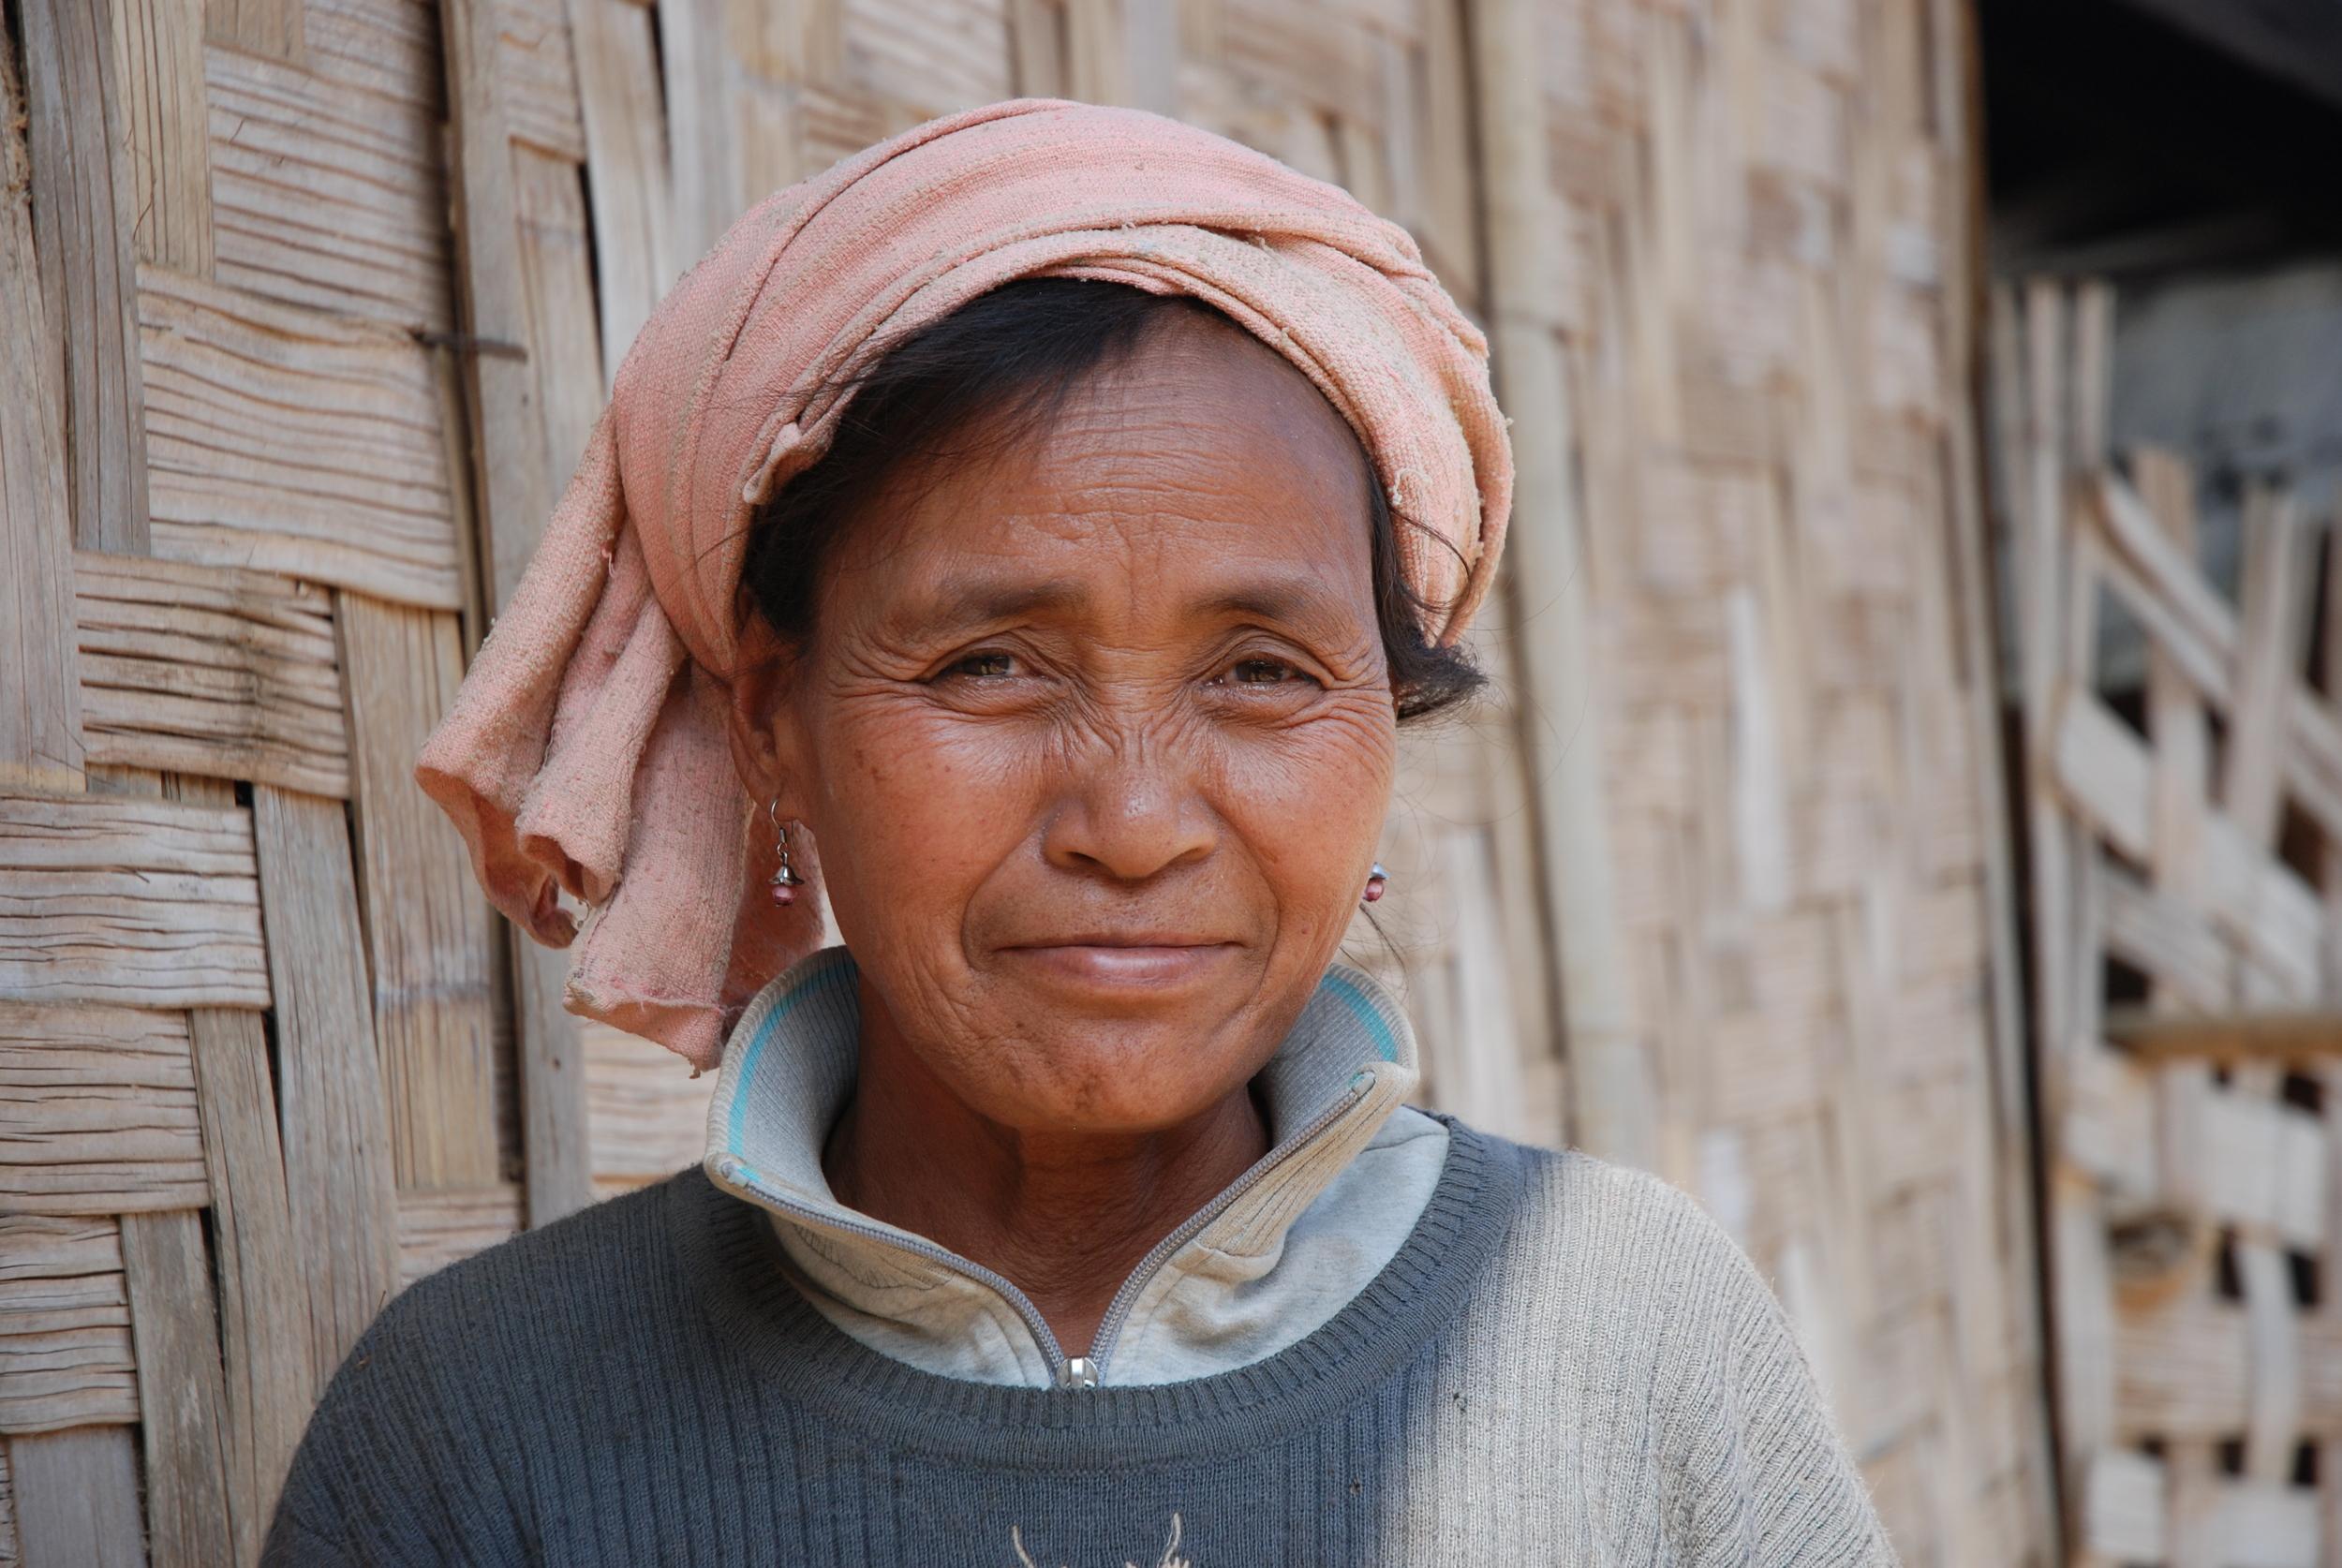 Photo: Khmu woman. Thomas Schoch, Wikimedia Commons